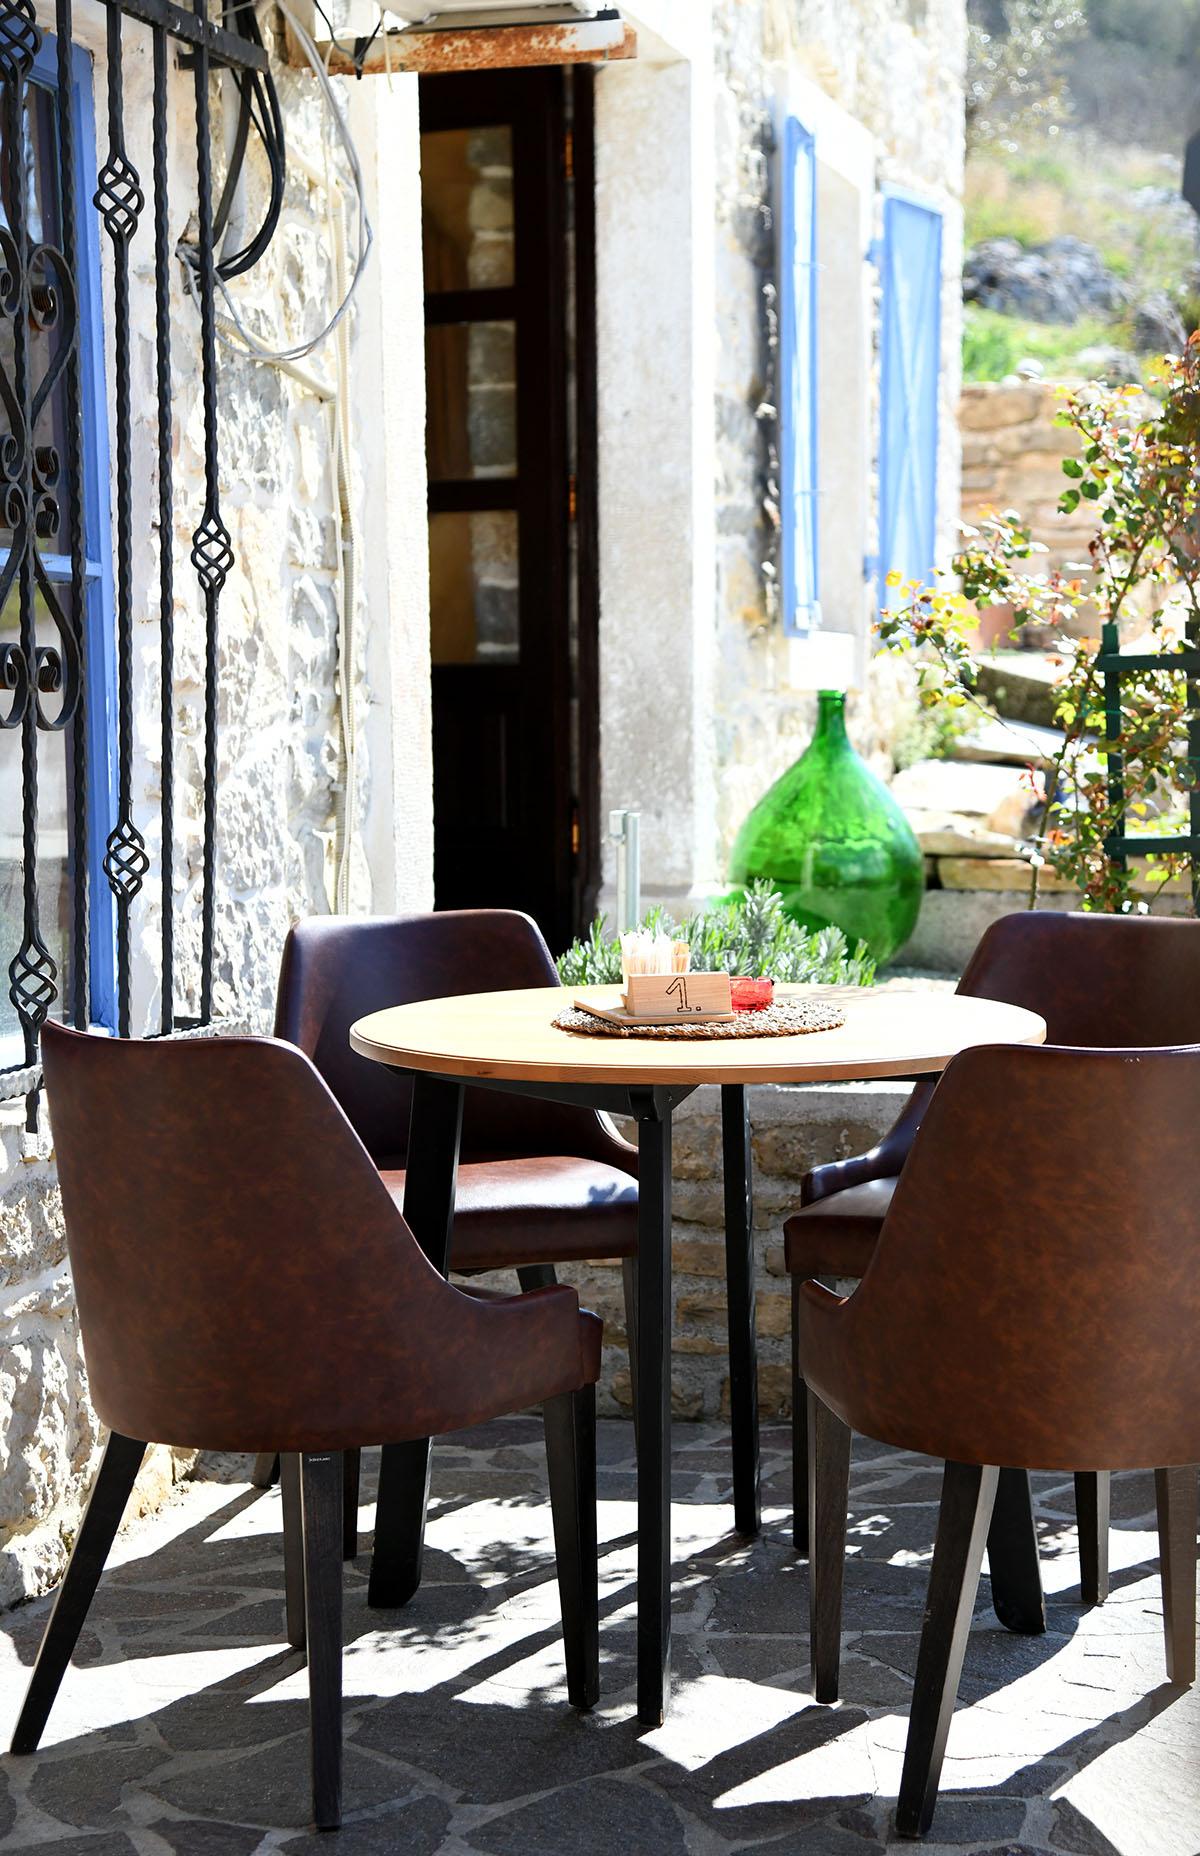 Osvojio nas je bed and breakfast u kamenom zdanju s plavim prozorima: Ponte Porton